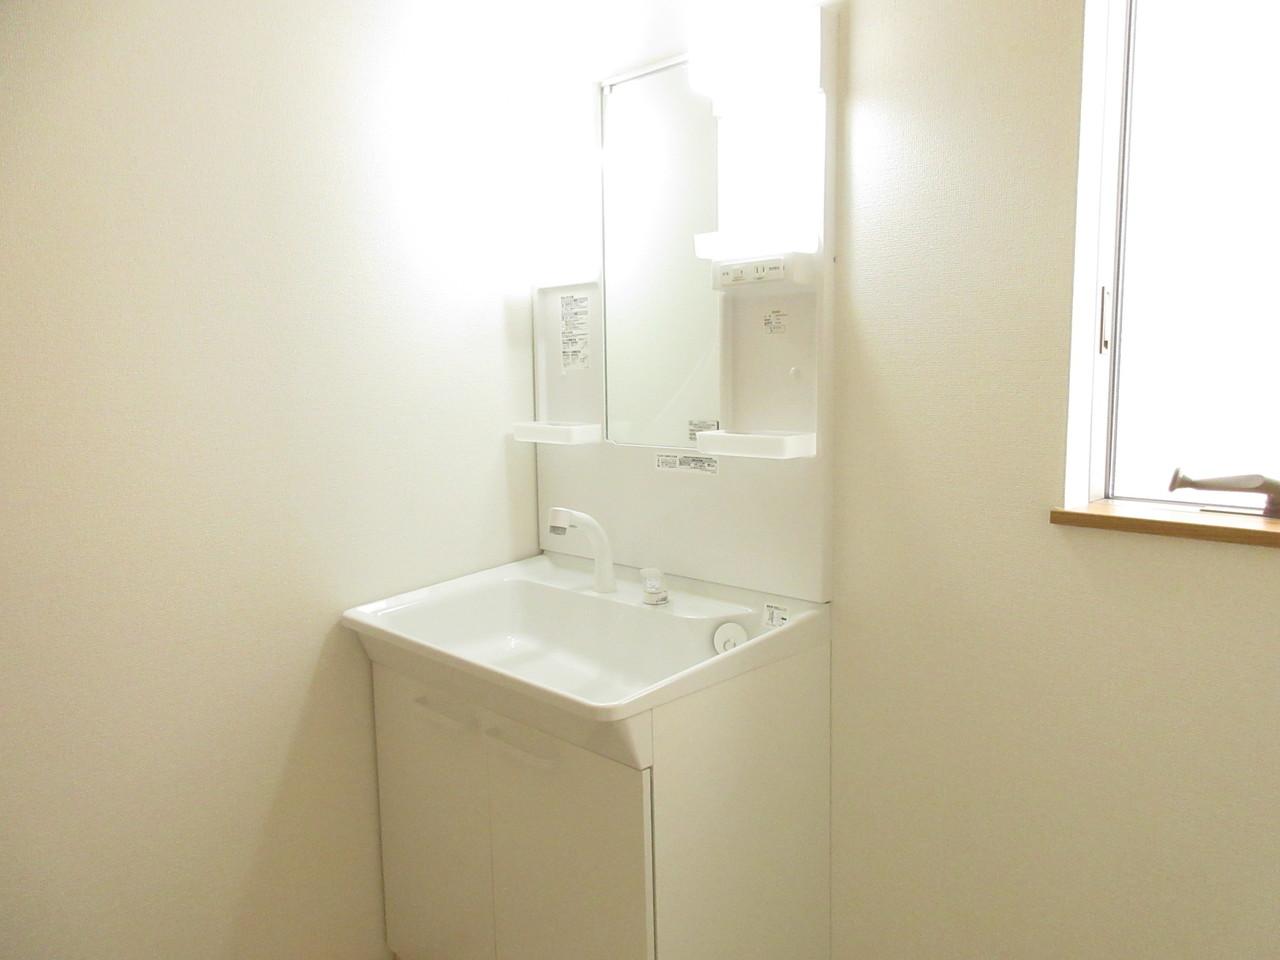 洗面所にも小窓がついており湿気がこもりません◎洗面台は明るく収納スペースも十分ございます!